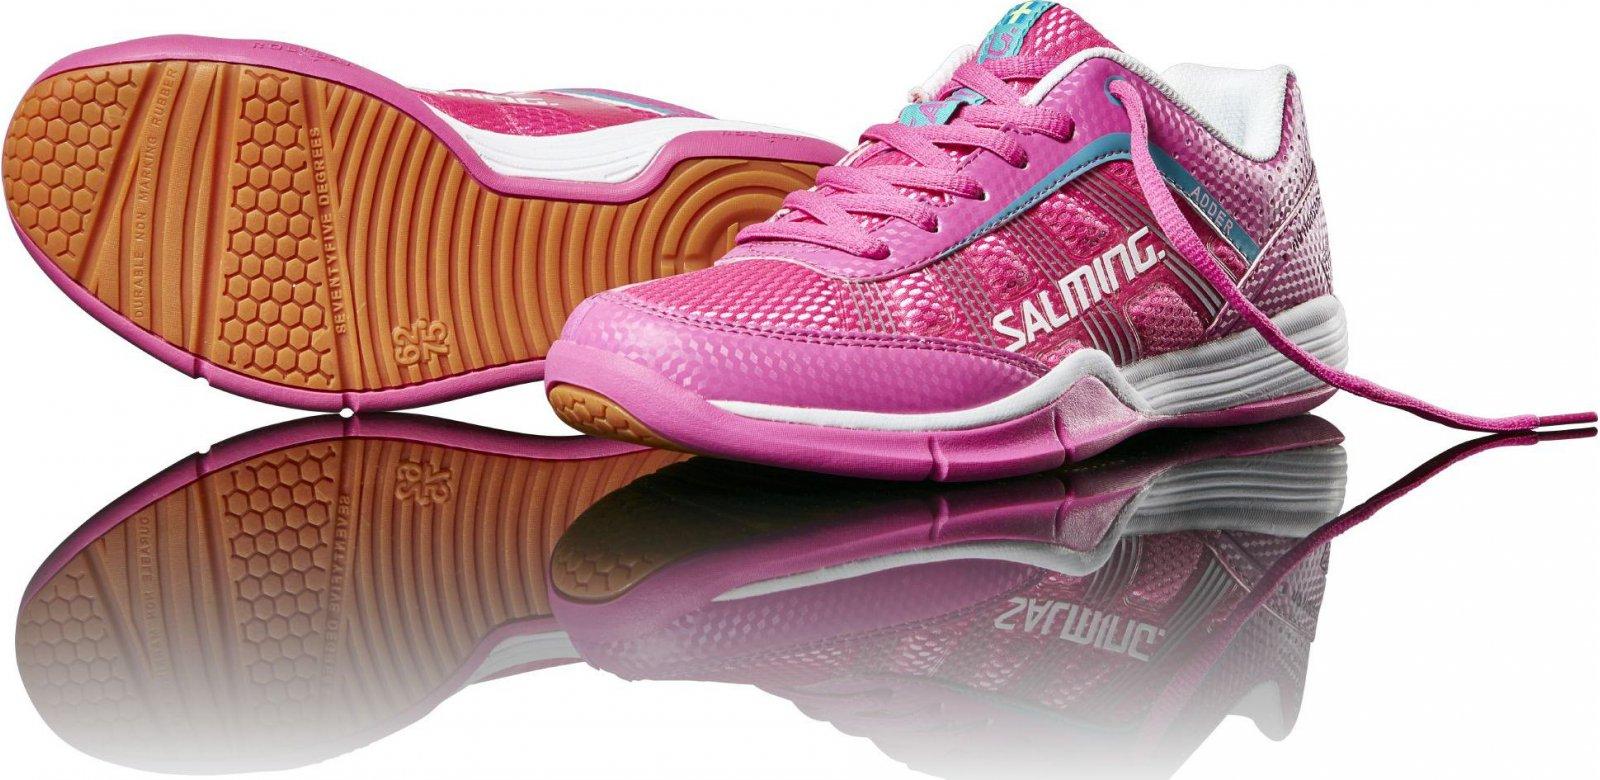 93d7391615686 Salming Adder Women Pink od 1 099 Kč | Zboží.cz